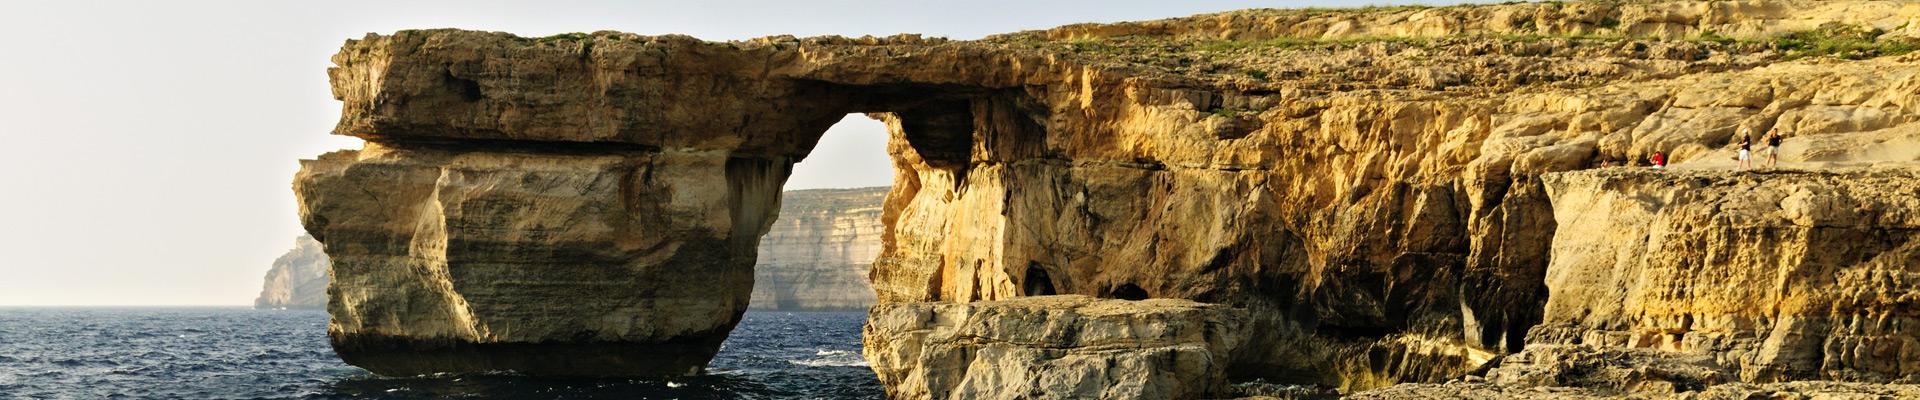 Top image Fenêtre d'Azur Gozo, Malte